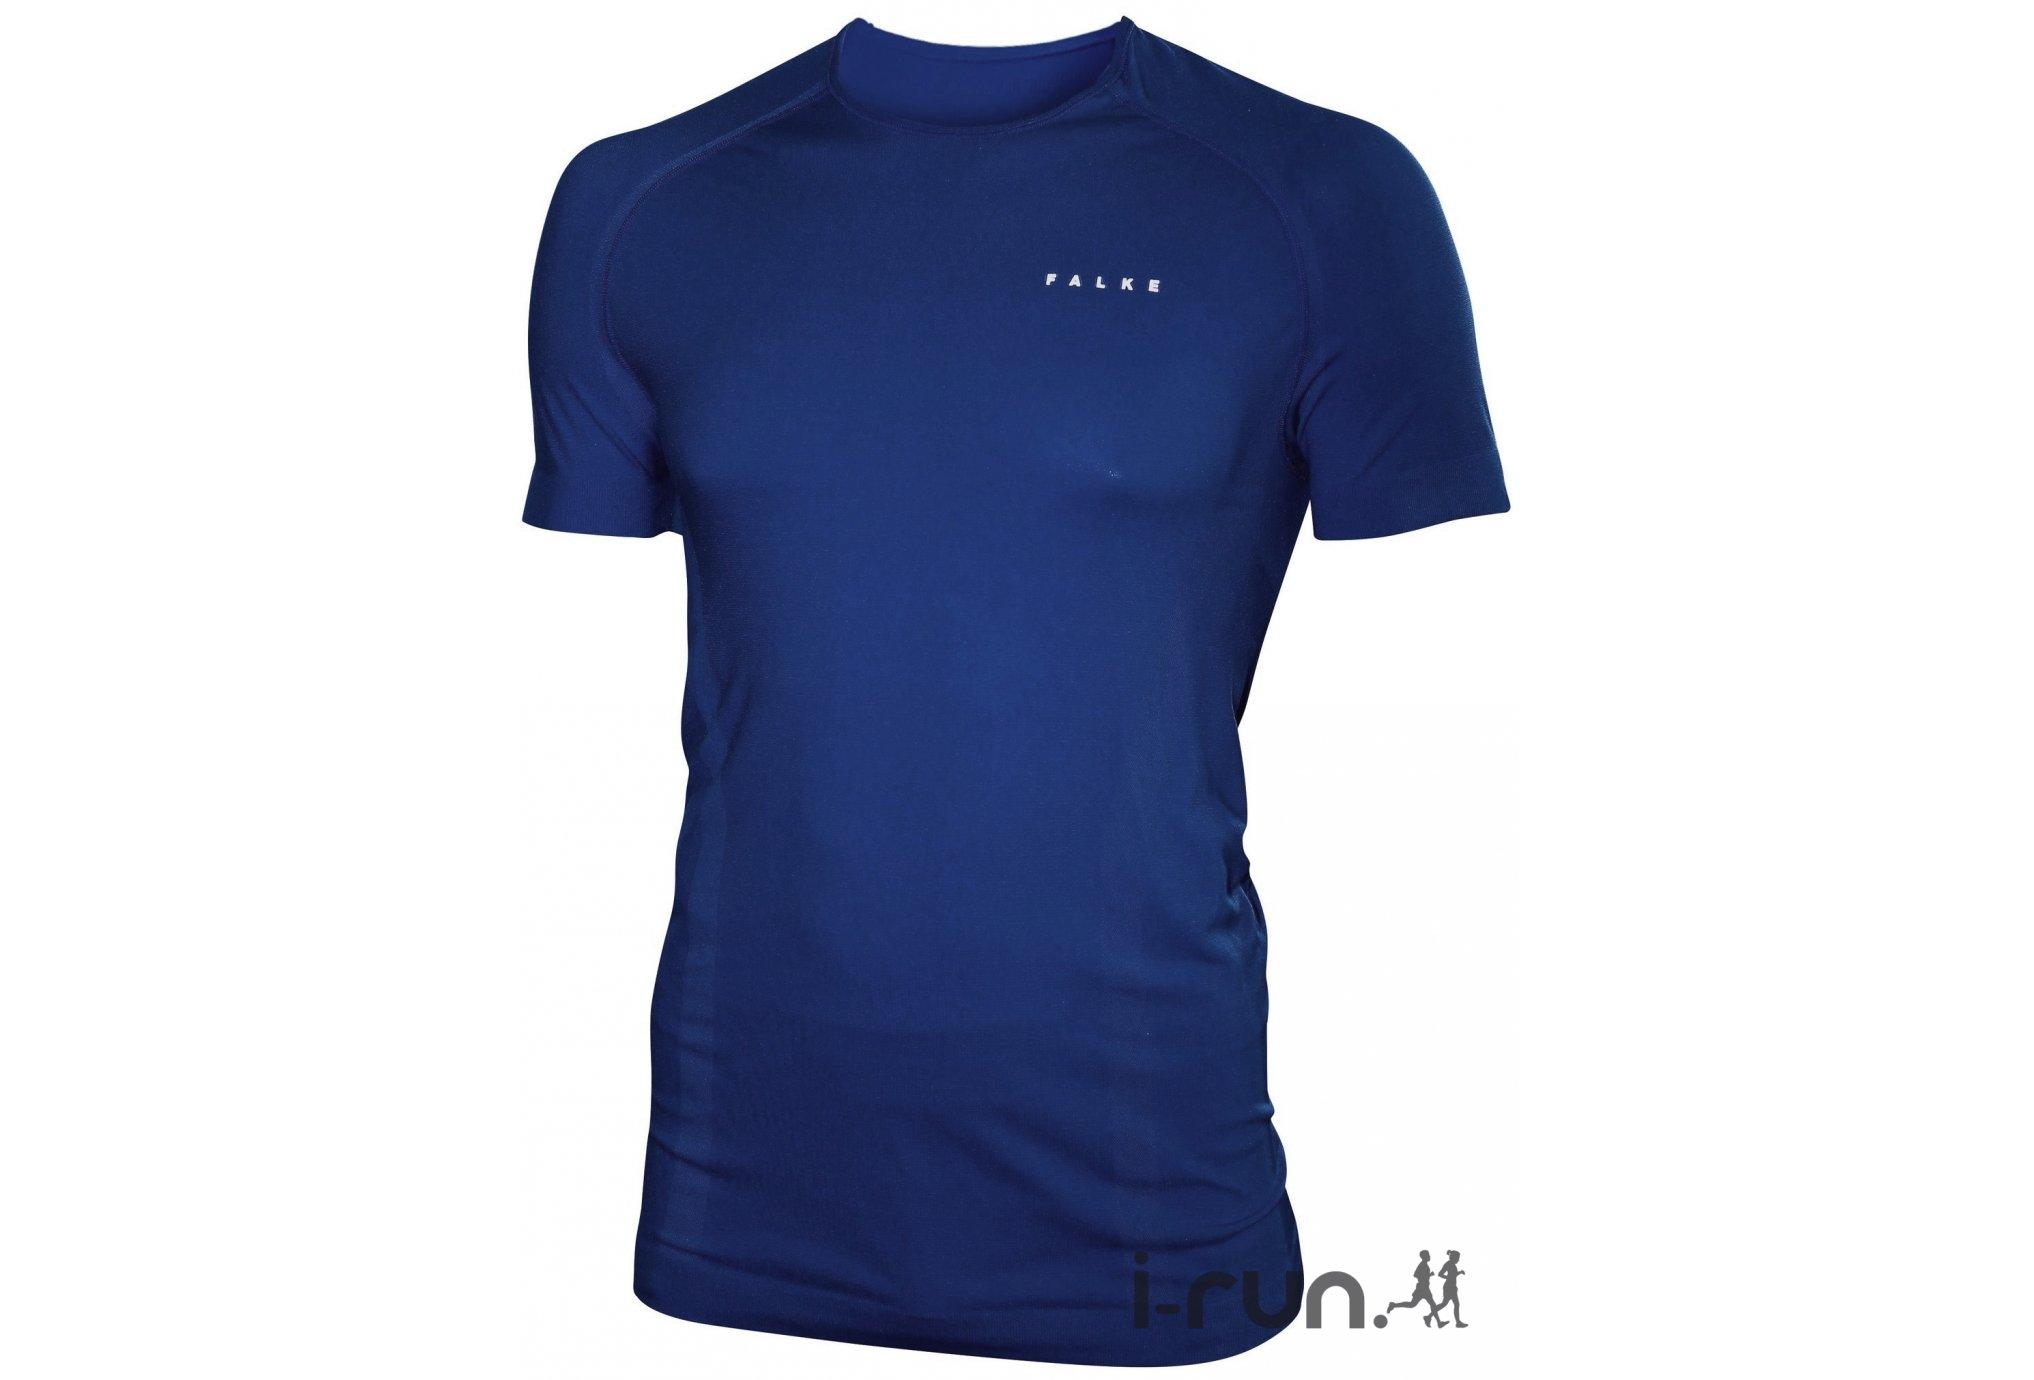 Falke Tee-shirt Running Comfort M v�tement running homme